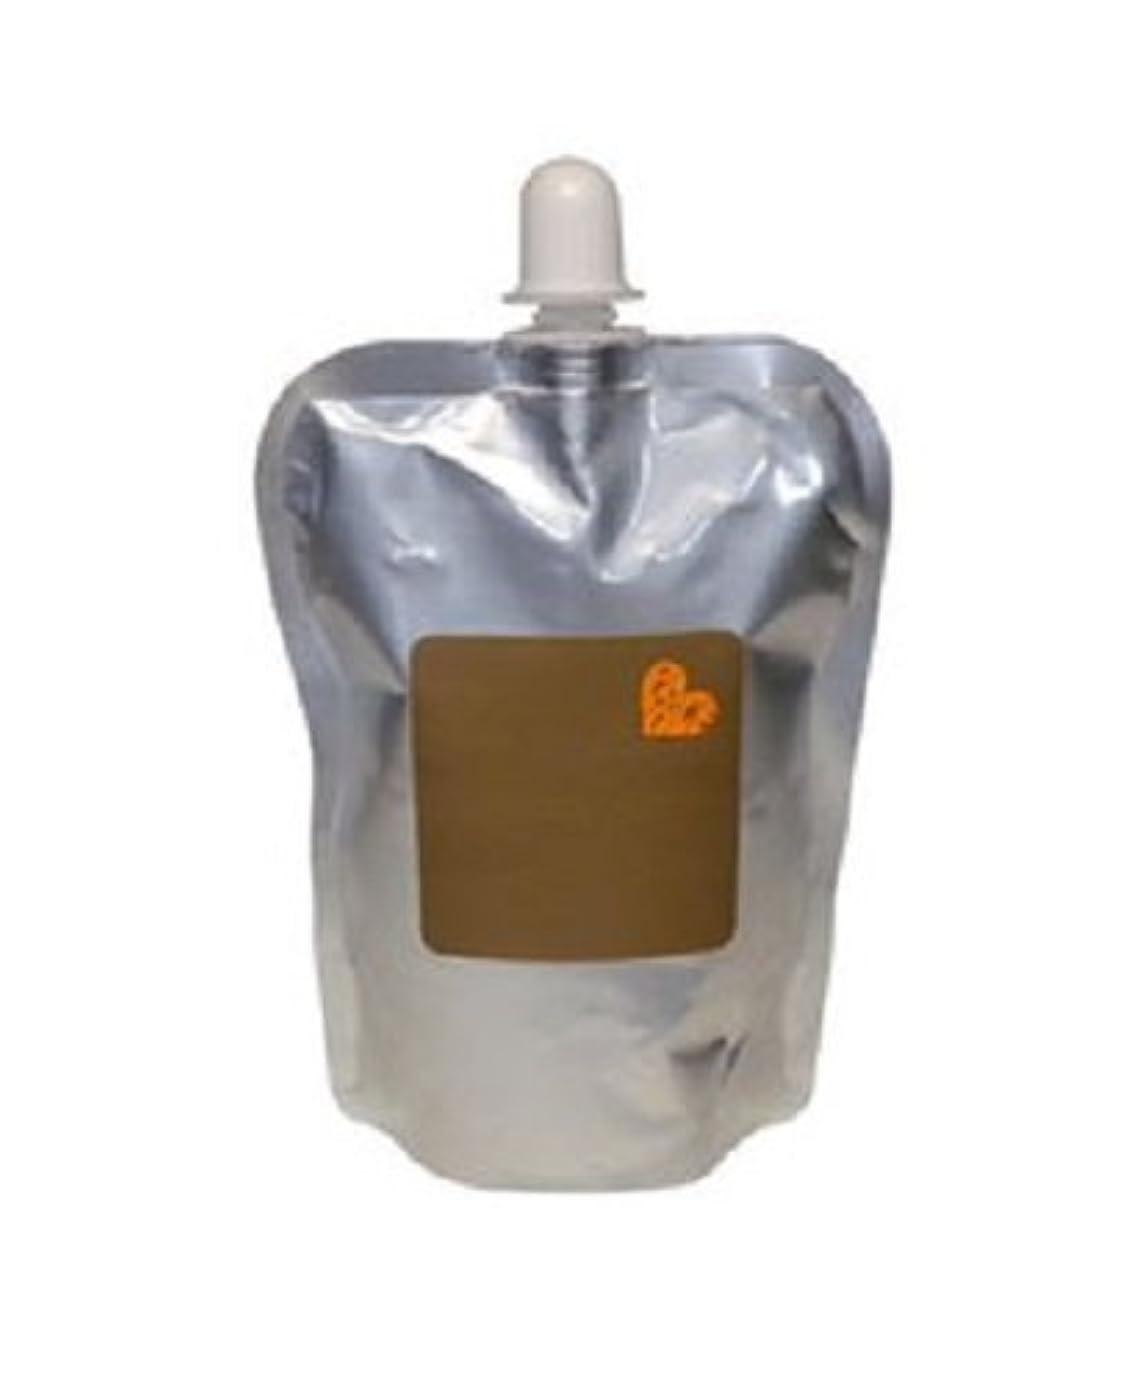 落ち着く繊細換気するアリミノ ピース プロデザインシリーズ ライトワックス ホイップ 400ml 詰替用